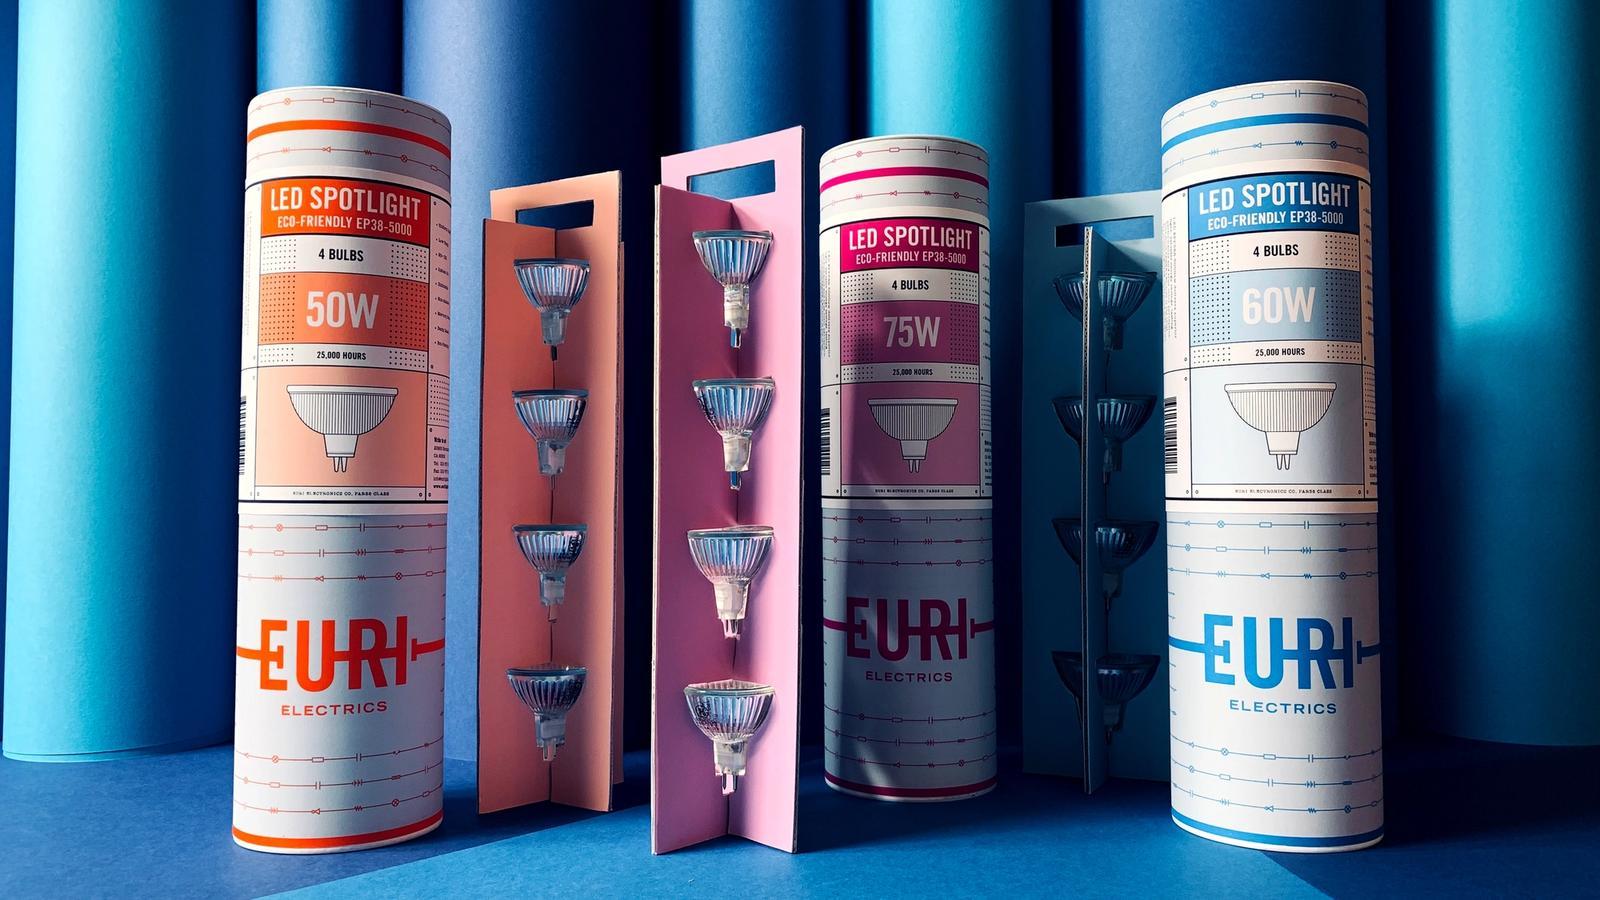 Euri Electrics packaging